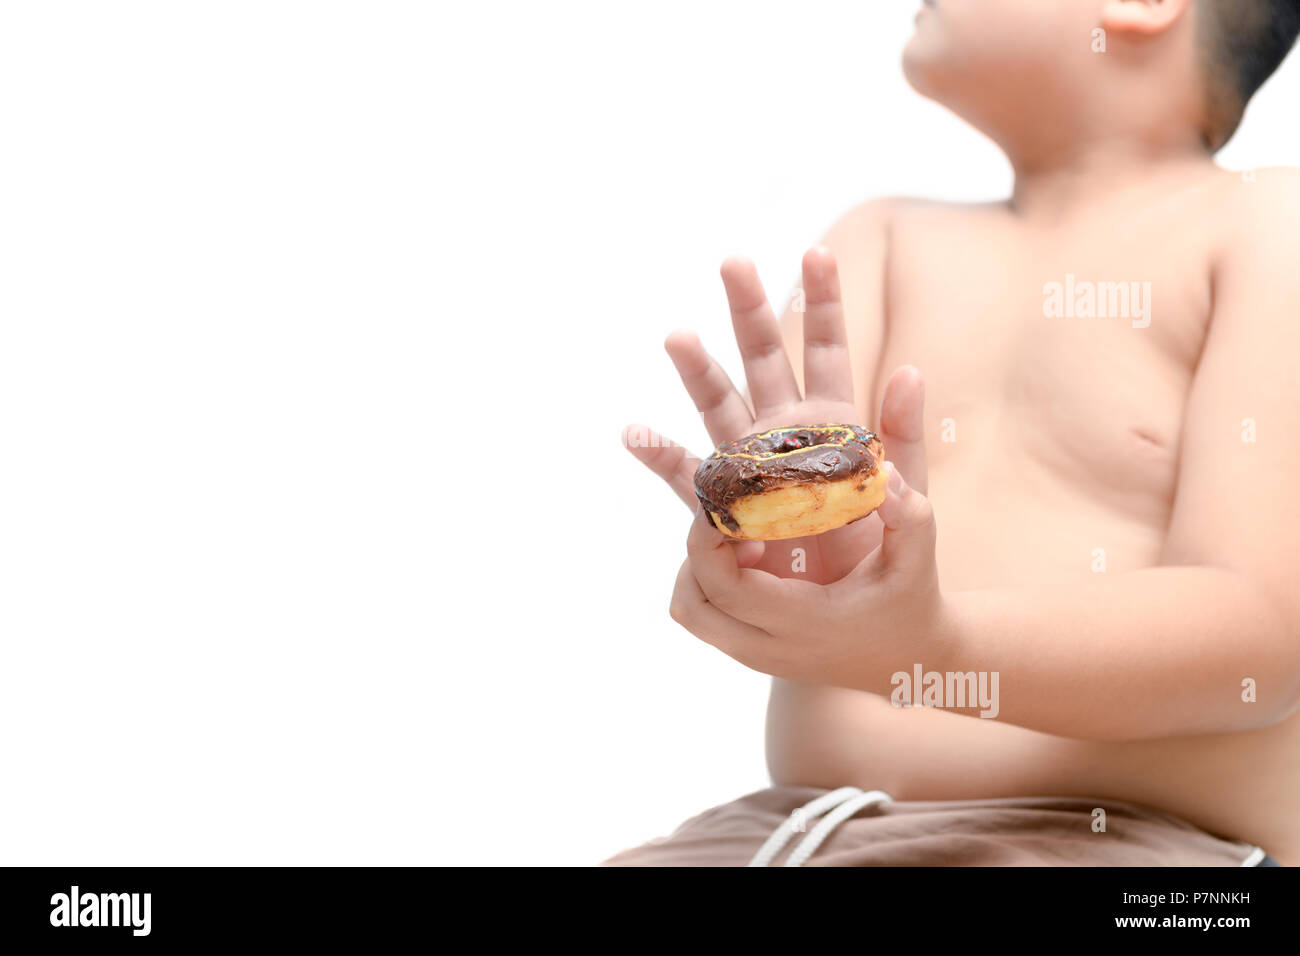 Beleibte Fat Boy weigert Donut auf weißem Hintergrund zu essen - nähren Konzept Stockbild